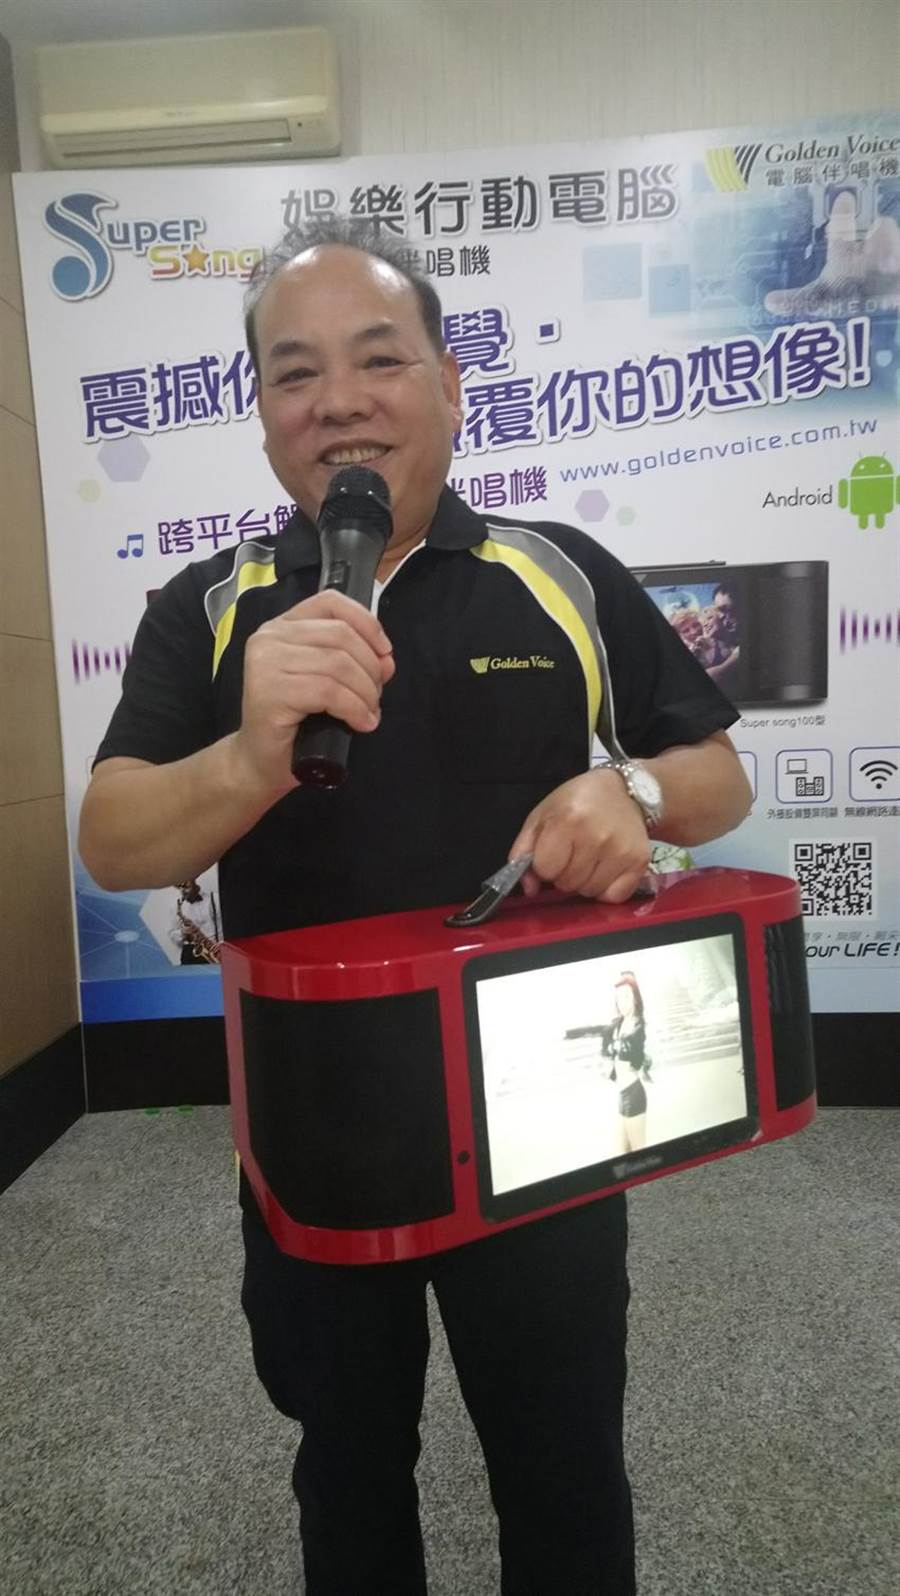 (金嗓電腦科技董事長蔡世寅表示,疫情期間宅經濟發威,帶動業績翻倍增長。圖/曾麗芳)